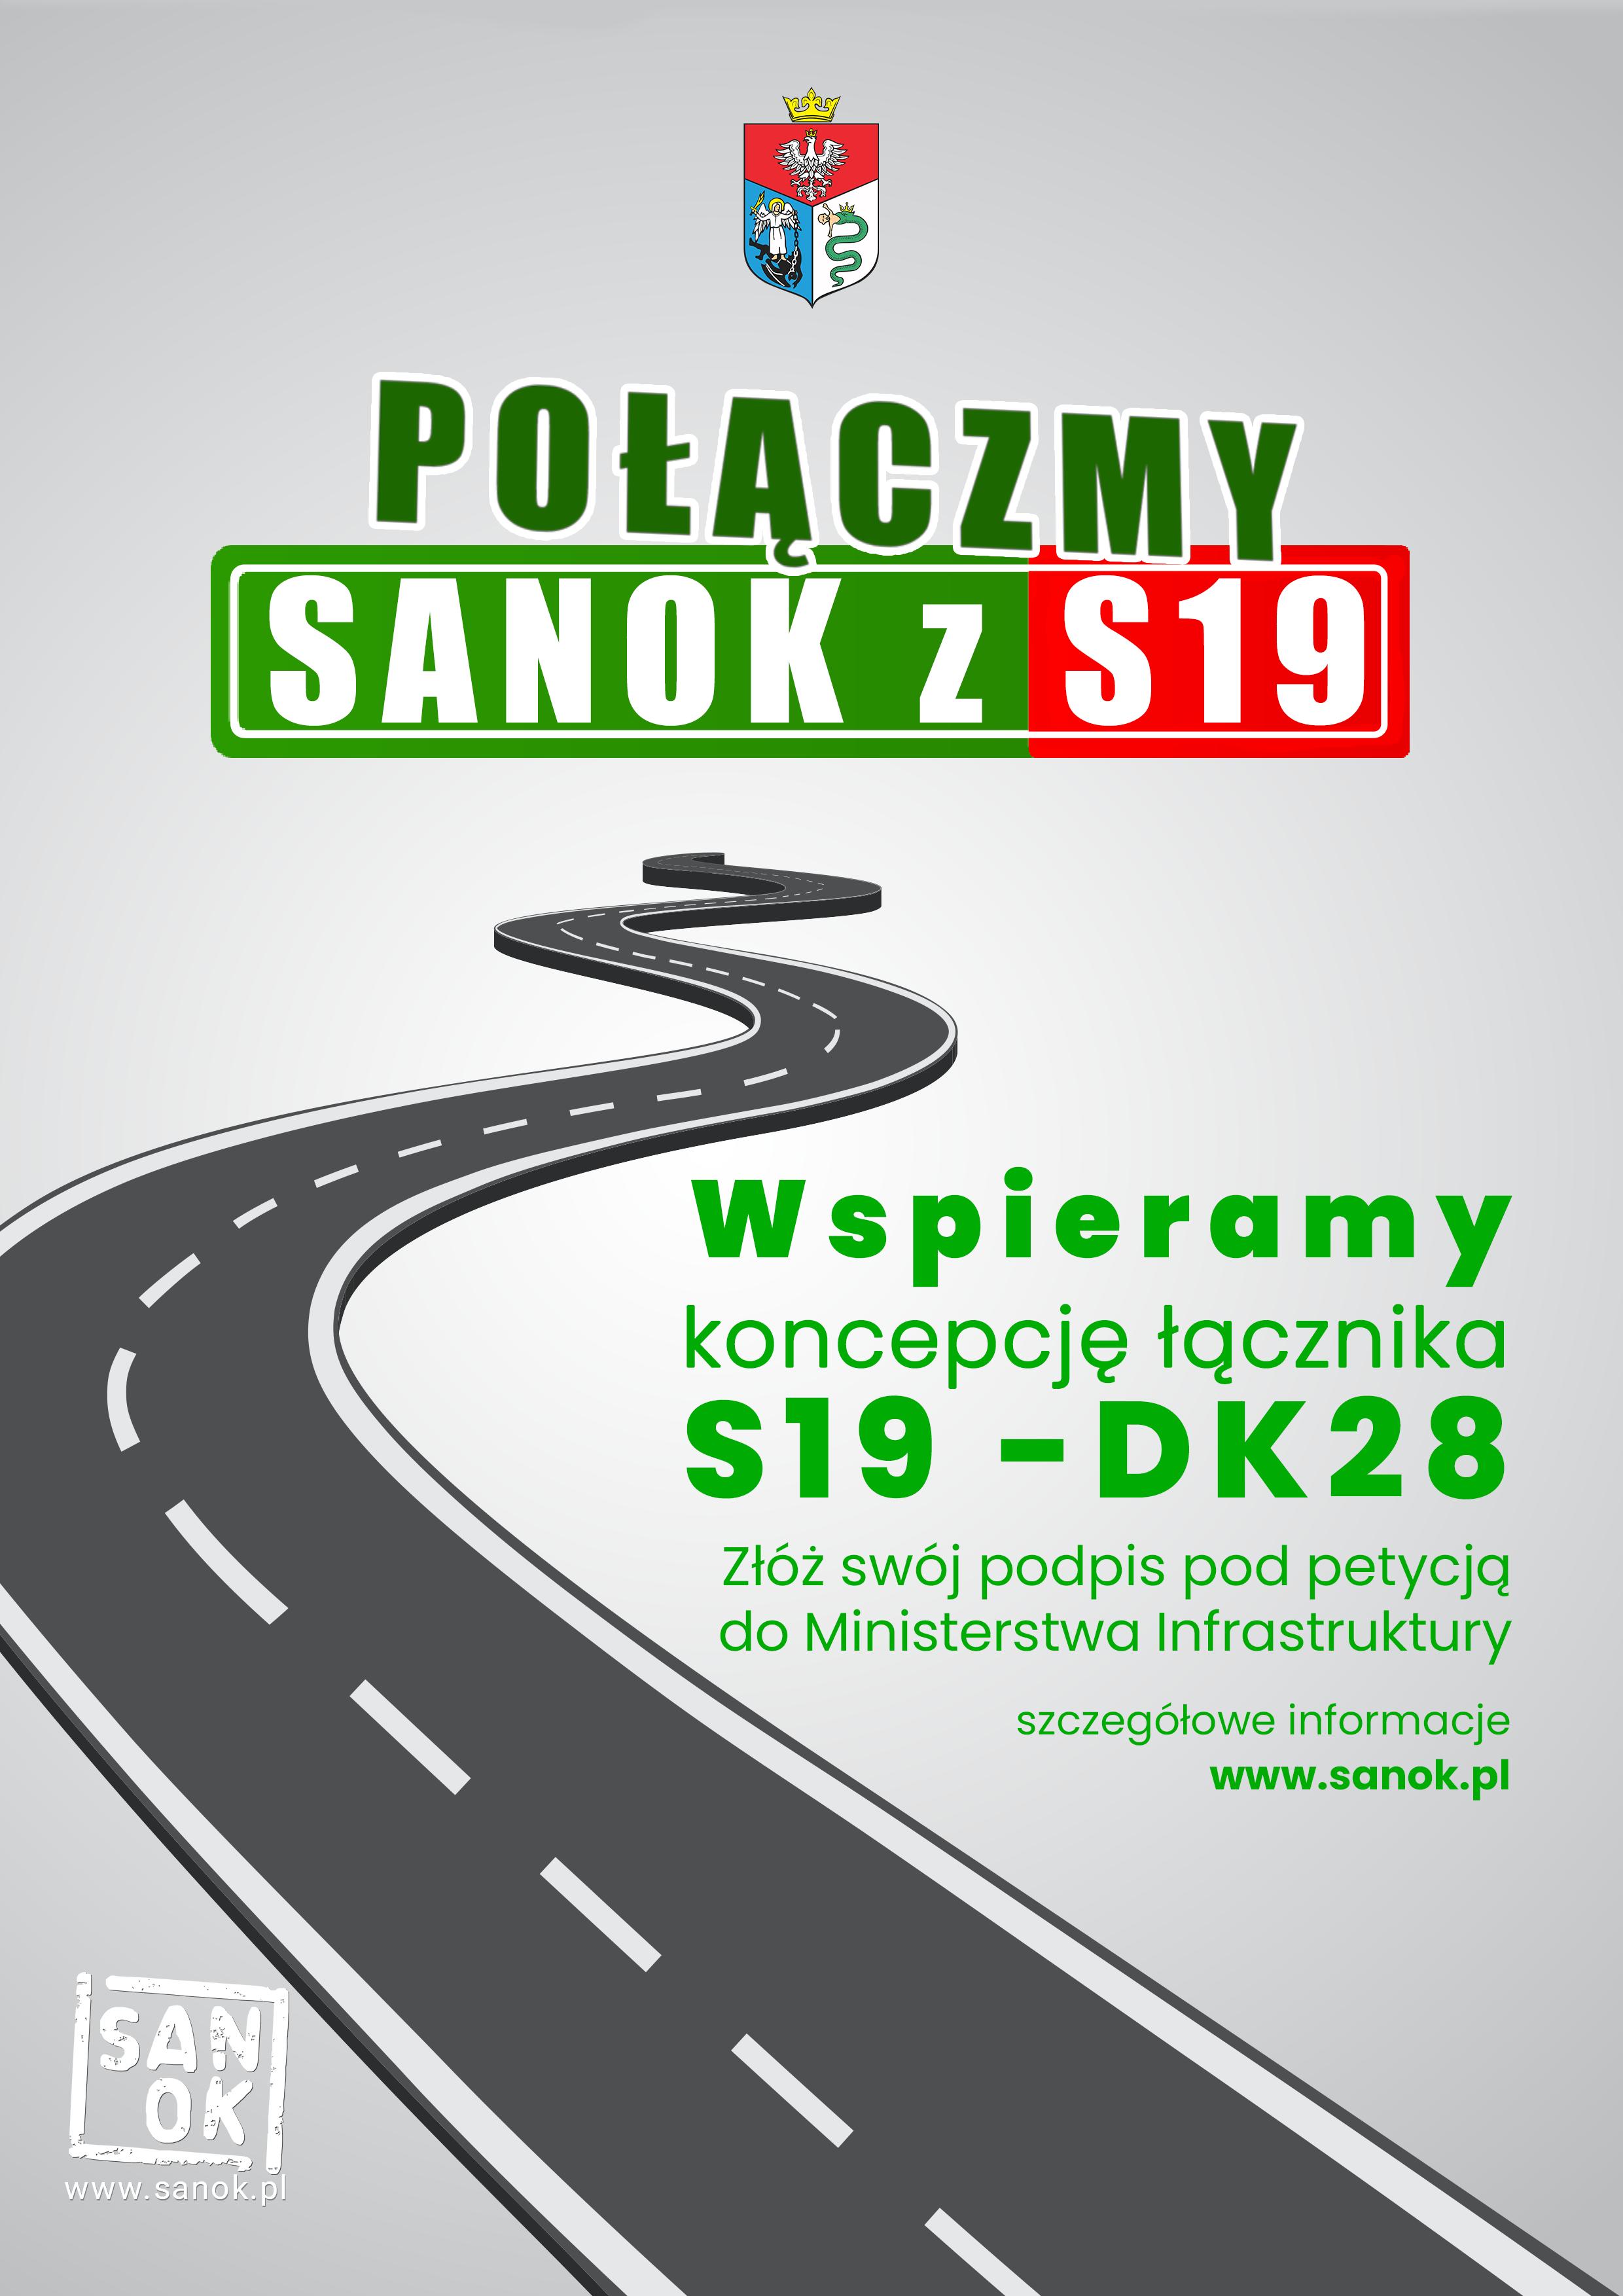 Trwa zbiórka podpisów pod petycją - Połączmy Sanok z S19  - Zdjęcie główne